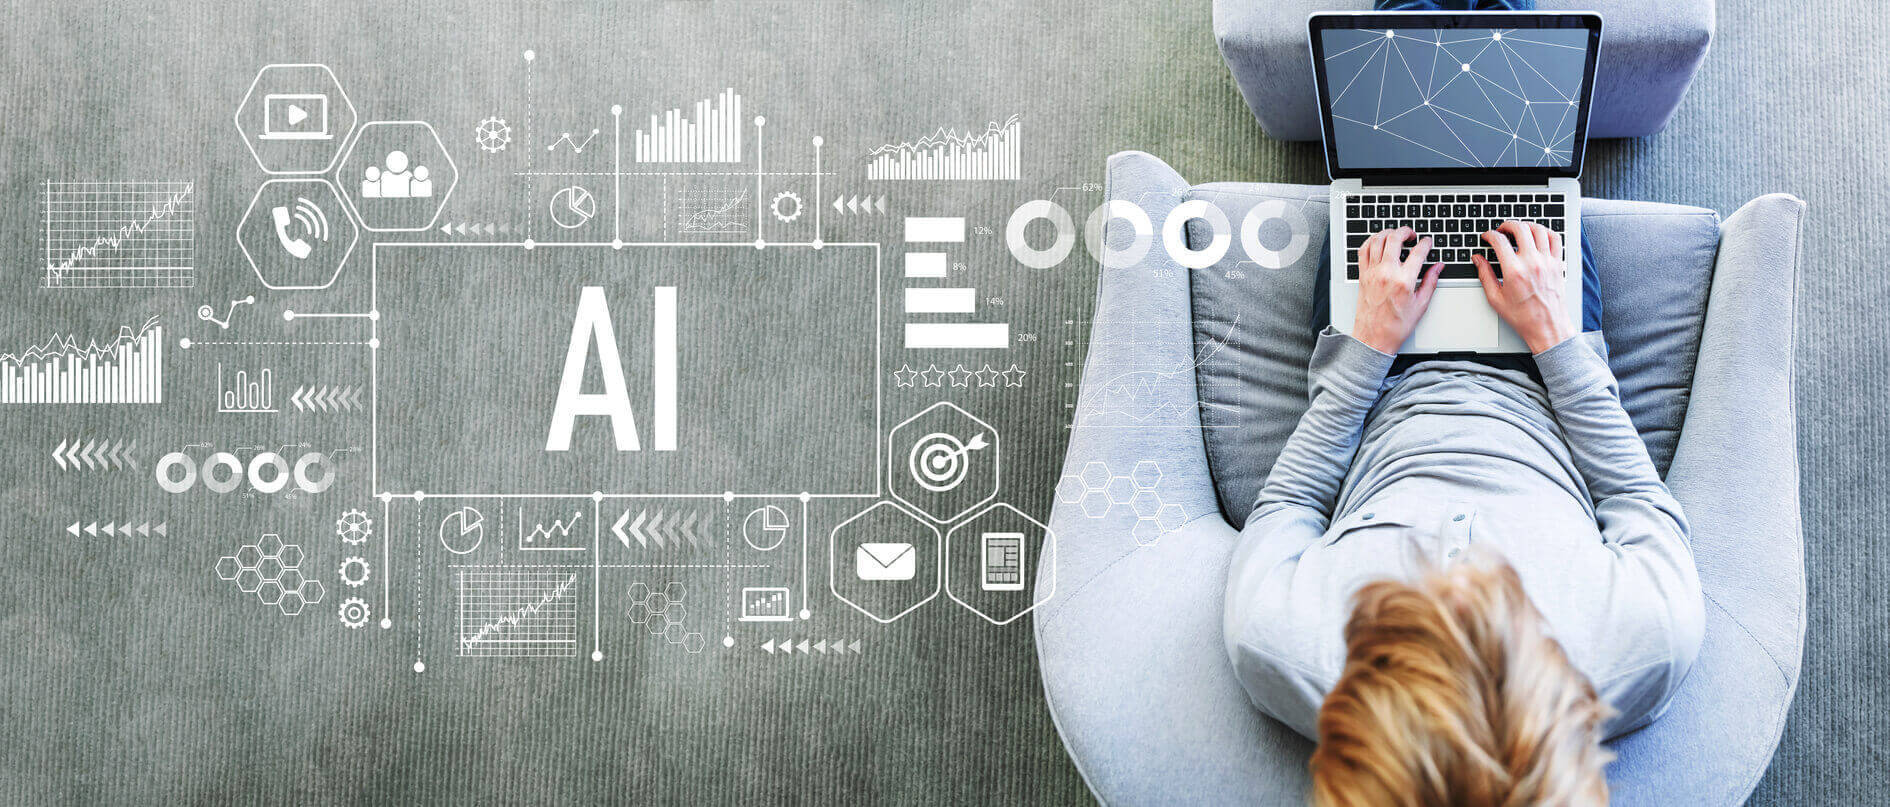 【AI・人工知能】Dockerで『将来の年収を予測できるWebアプリ』を作ってみた【Mac&Ubuntu共通】